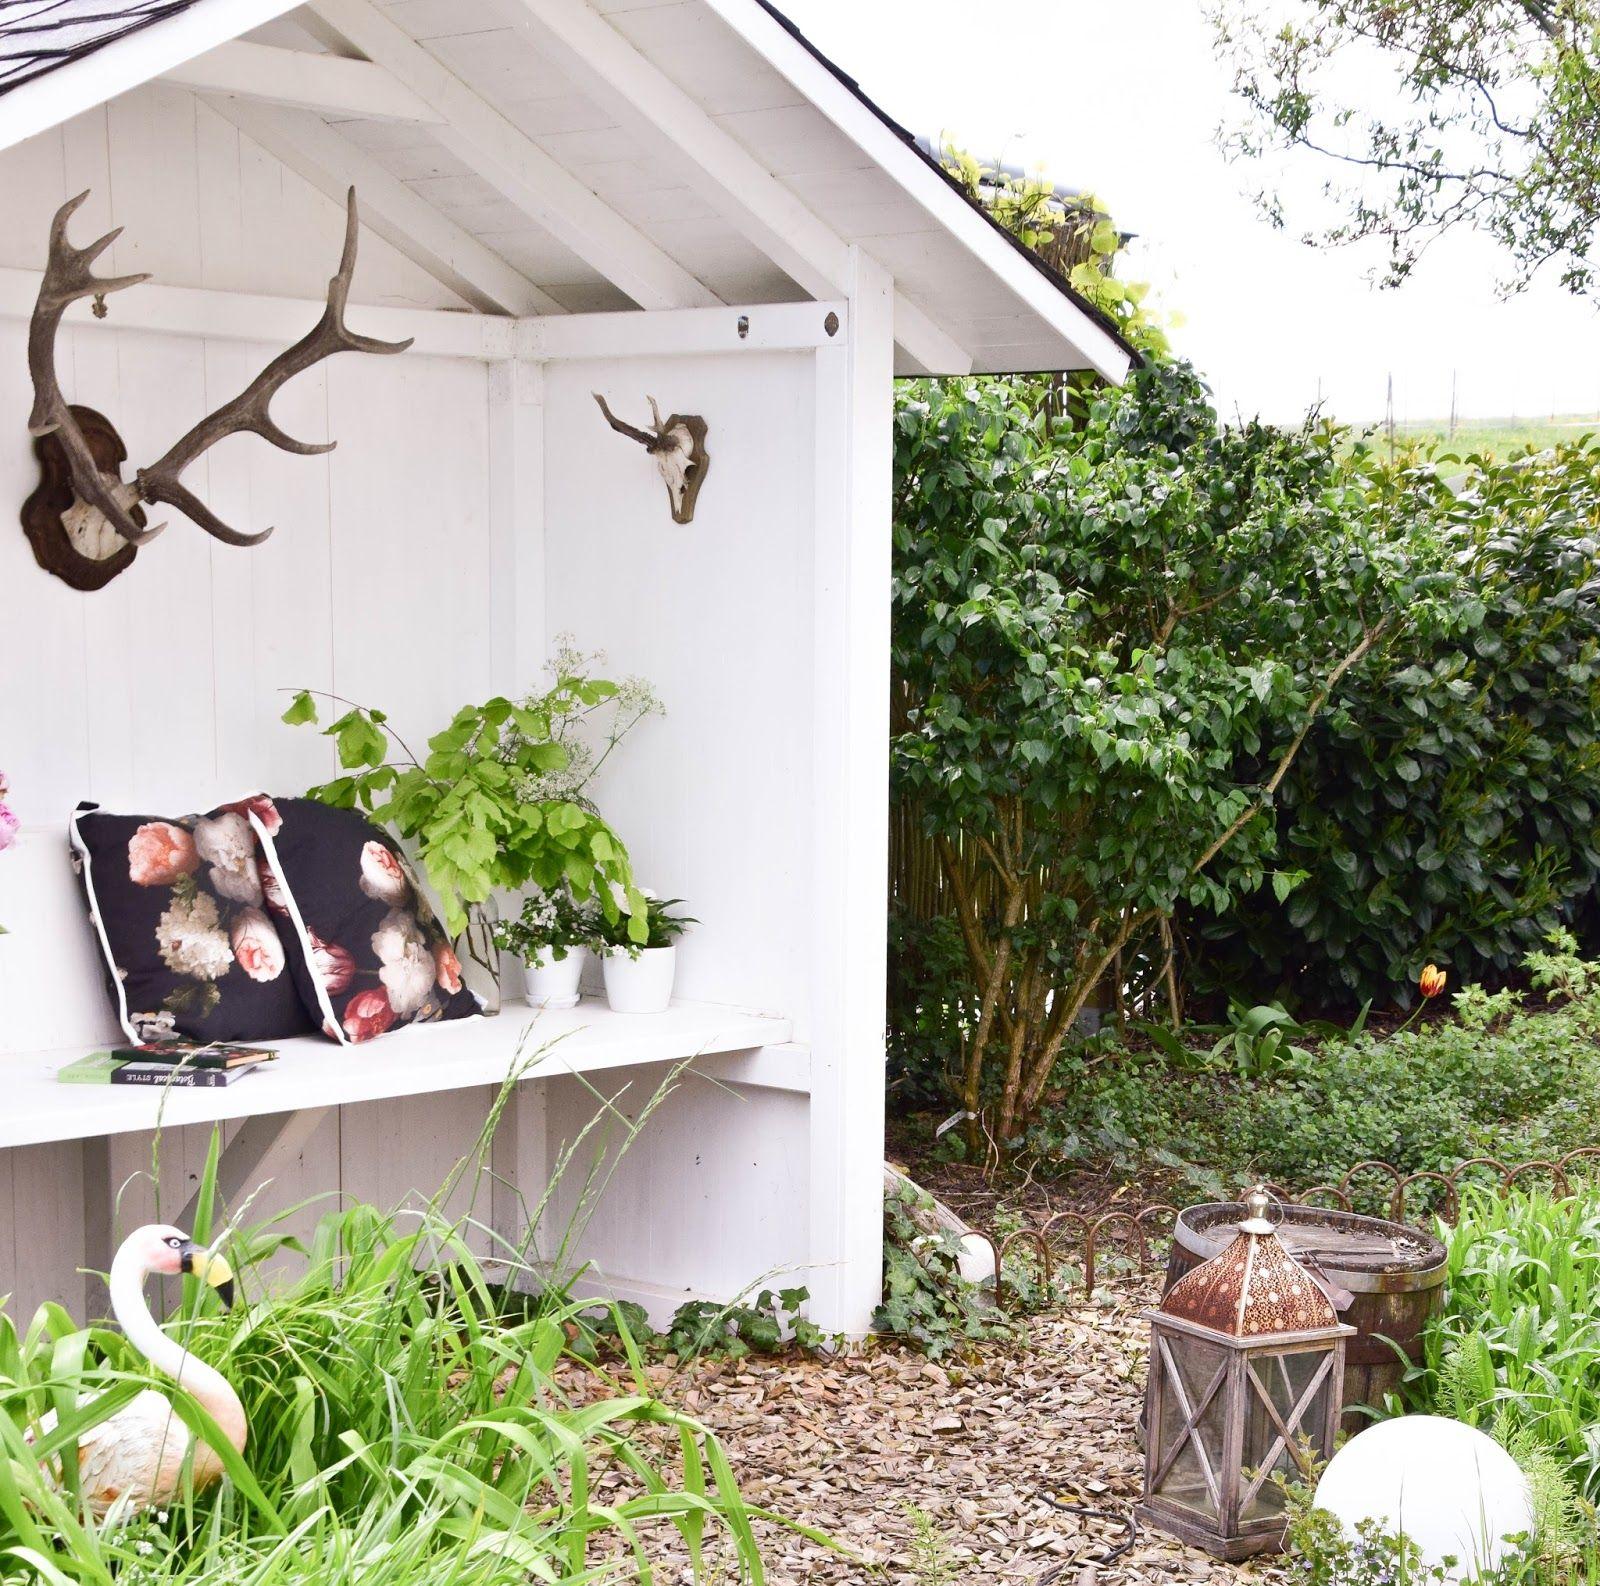 Alte Fenster Als Deko Im Garten Neu Deko Für Das Teichhaus Und Mein Garten Im Mai